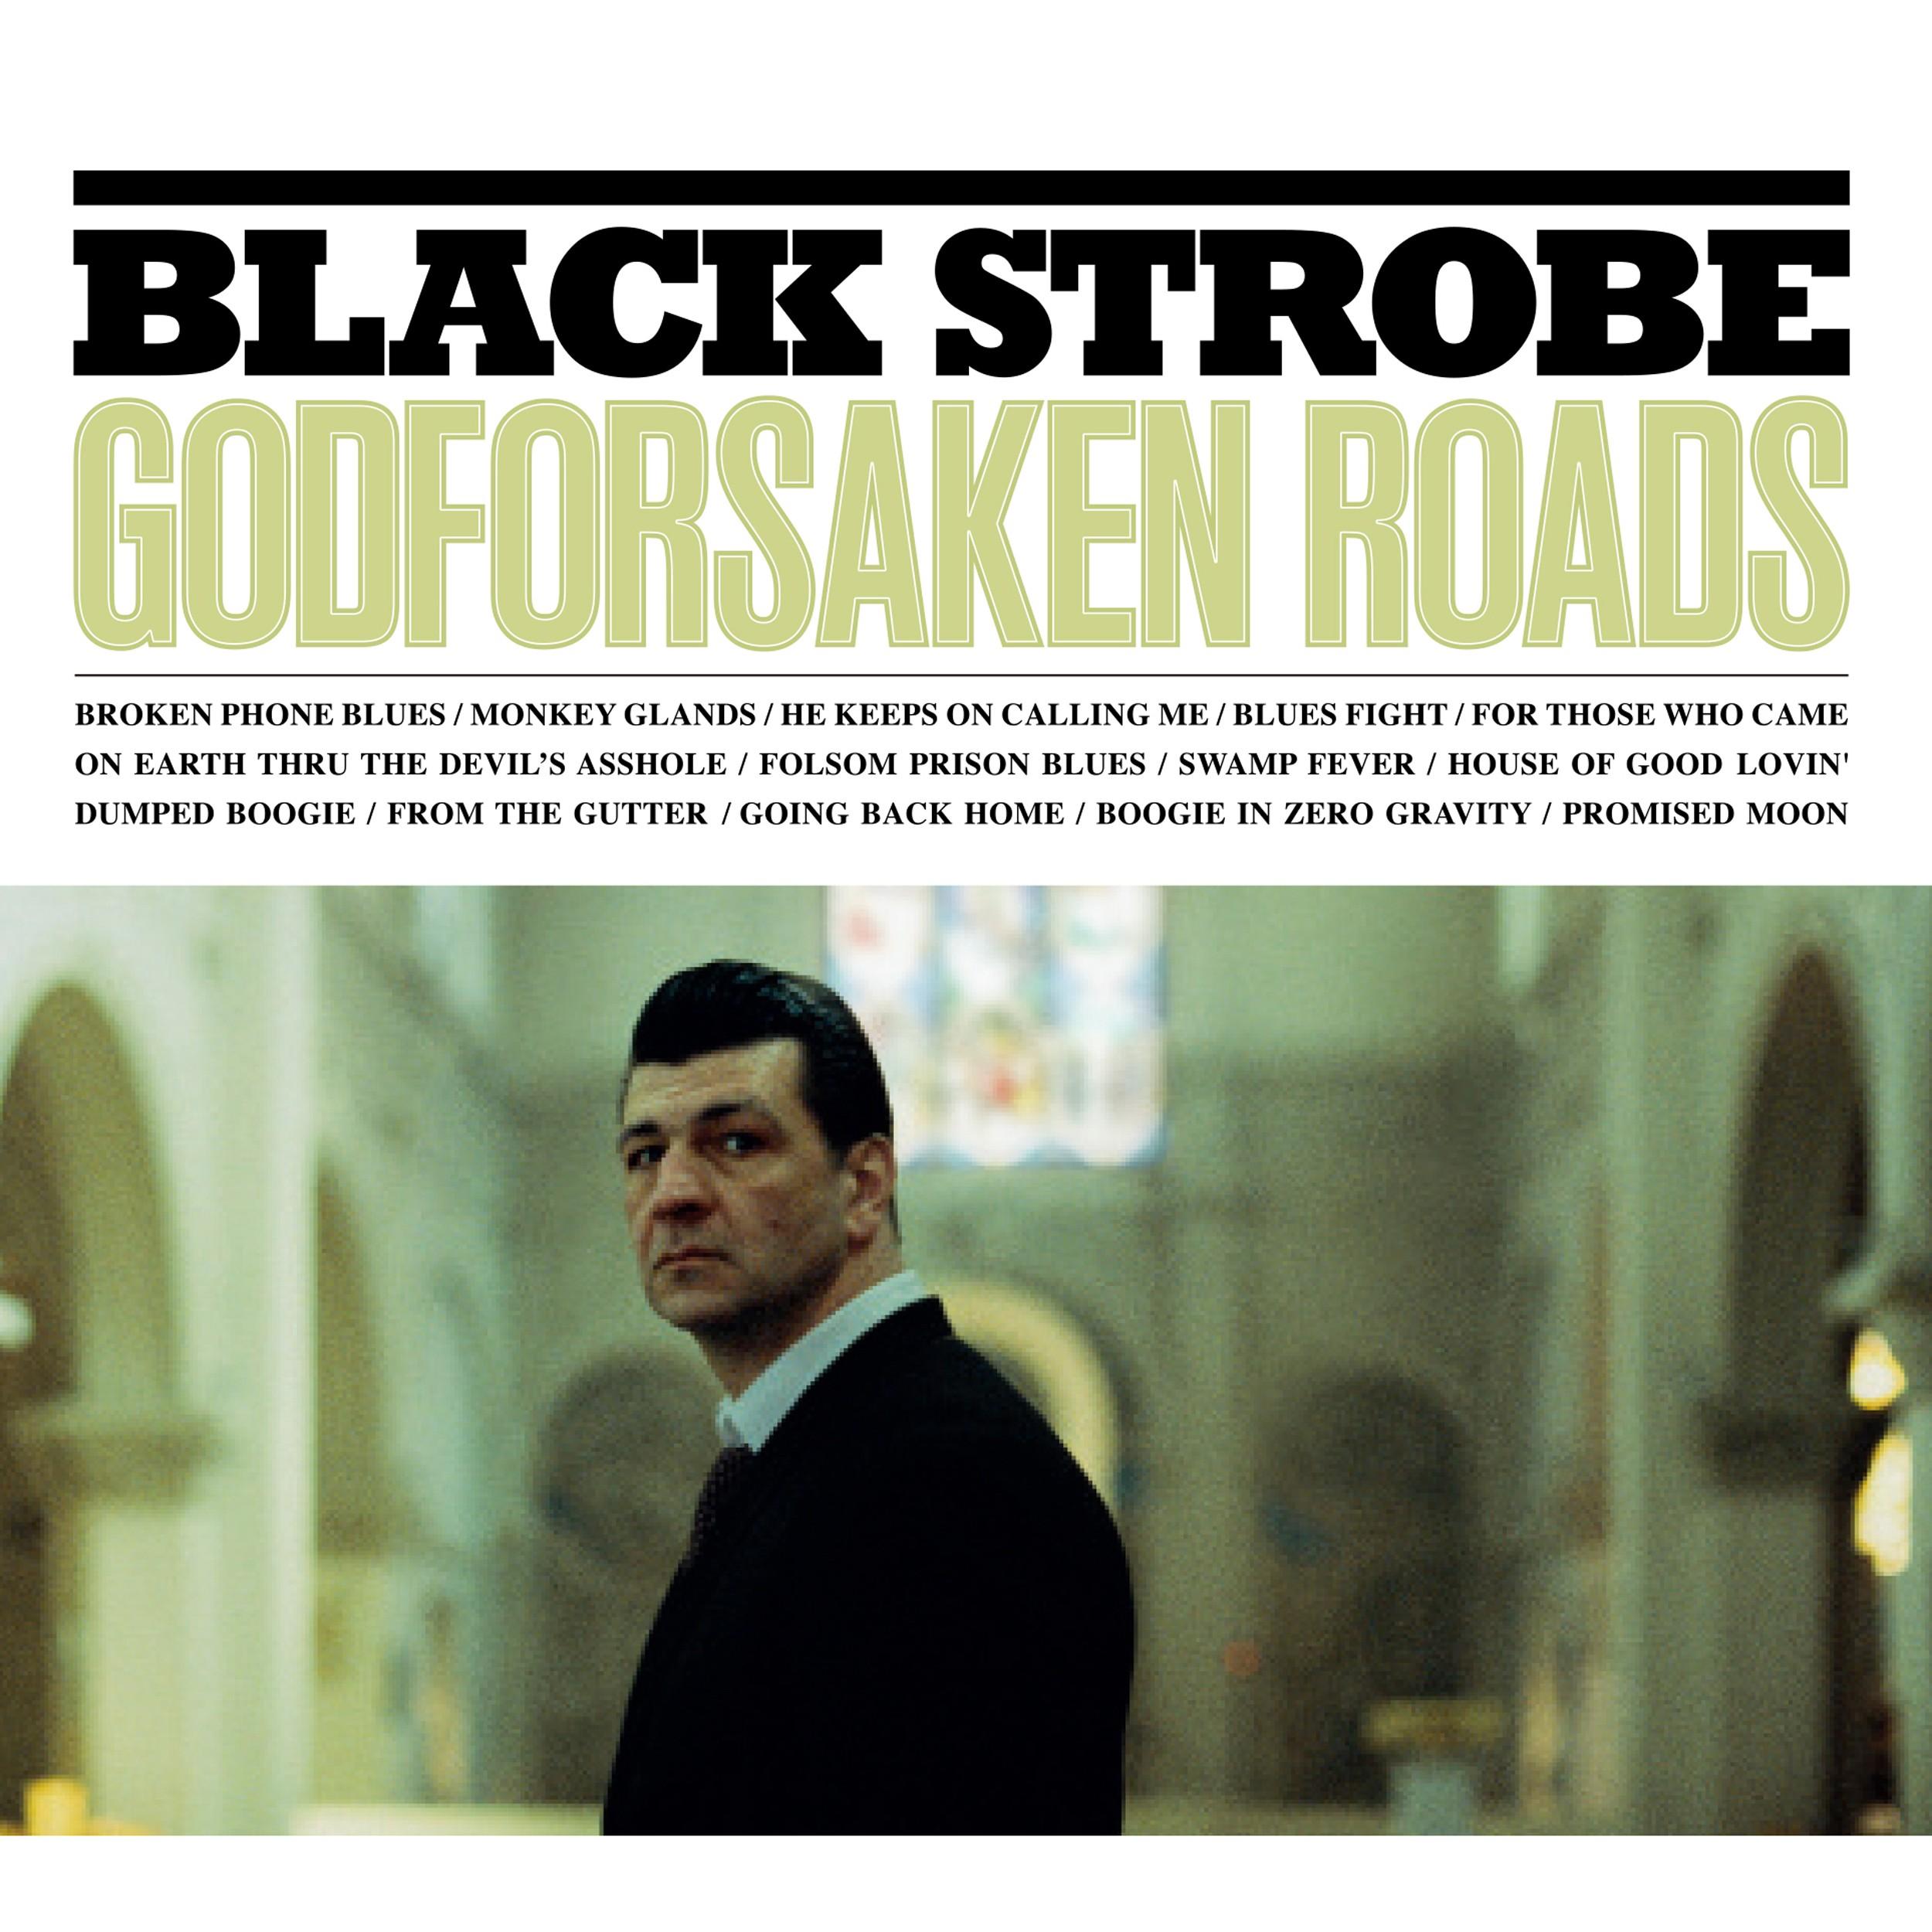 Godforsaken Roads - Black Strobe